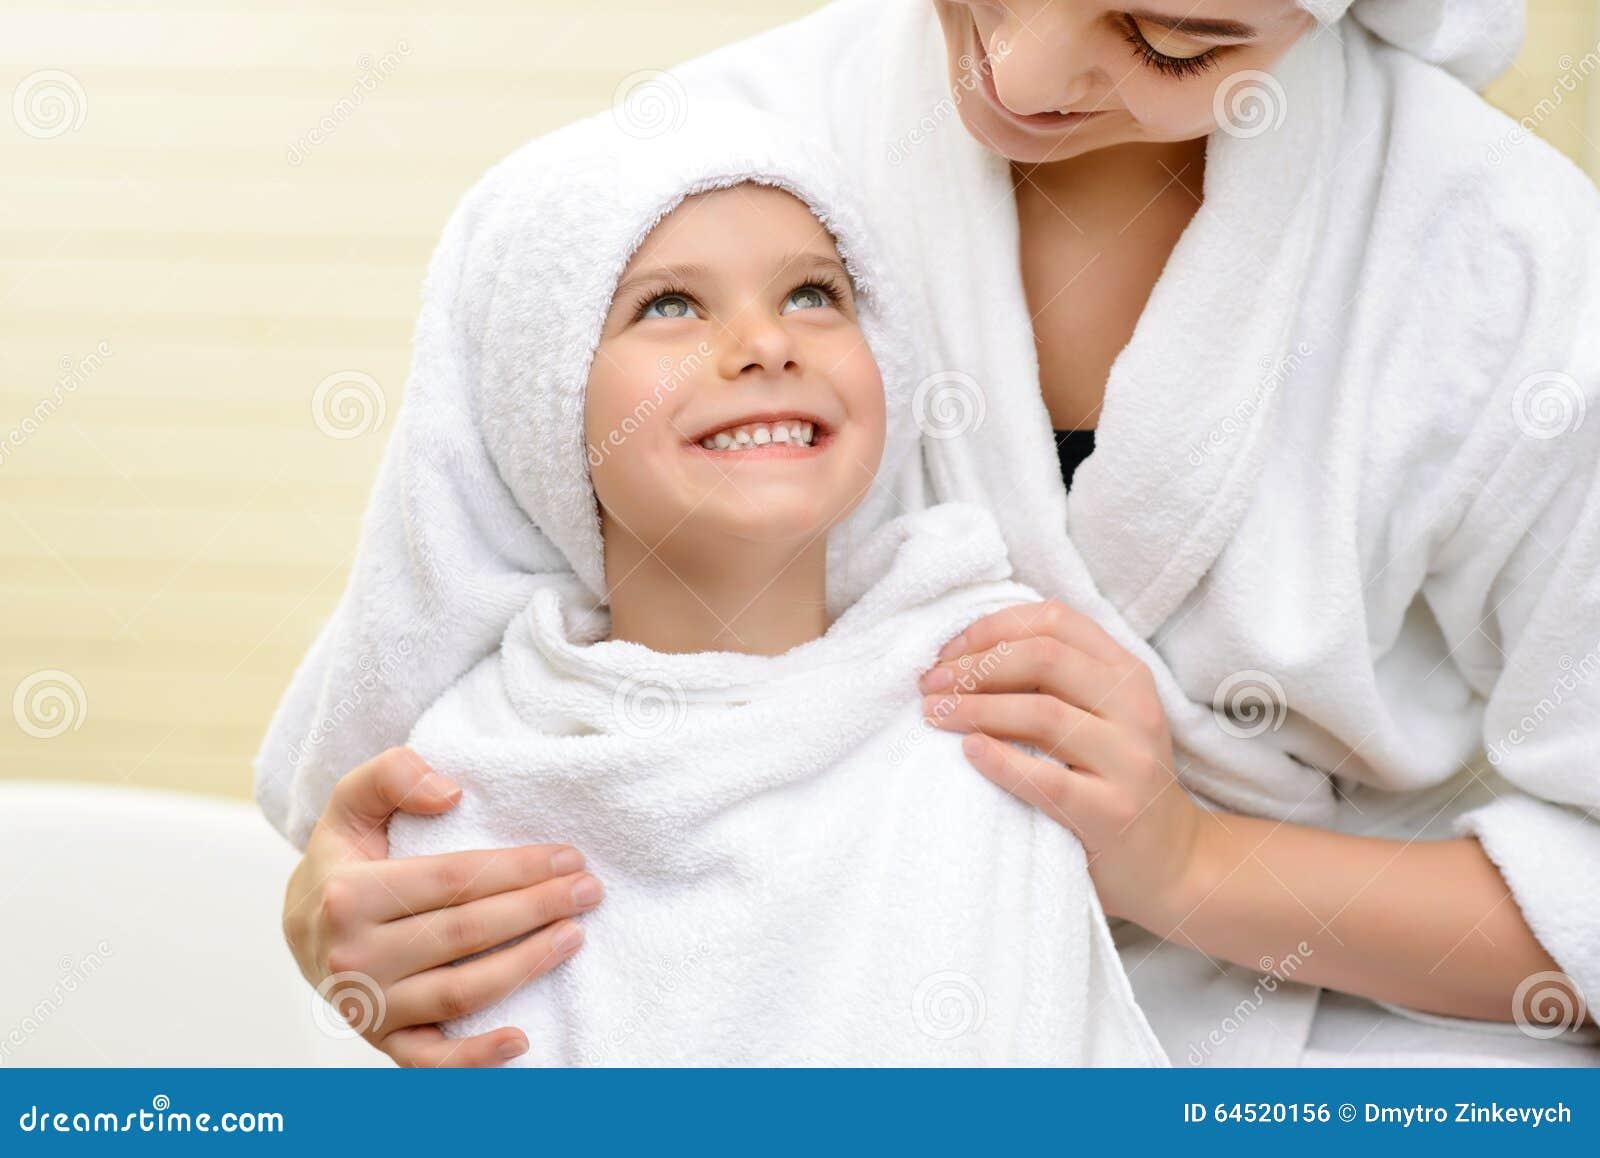 Mere dans la salle de bain 28 images mere dans la salle de bain obasinc la m 232 re fait for Comfemme nue dans la salle de bain